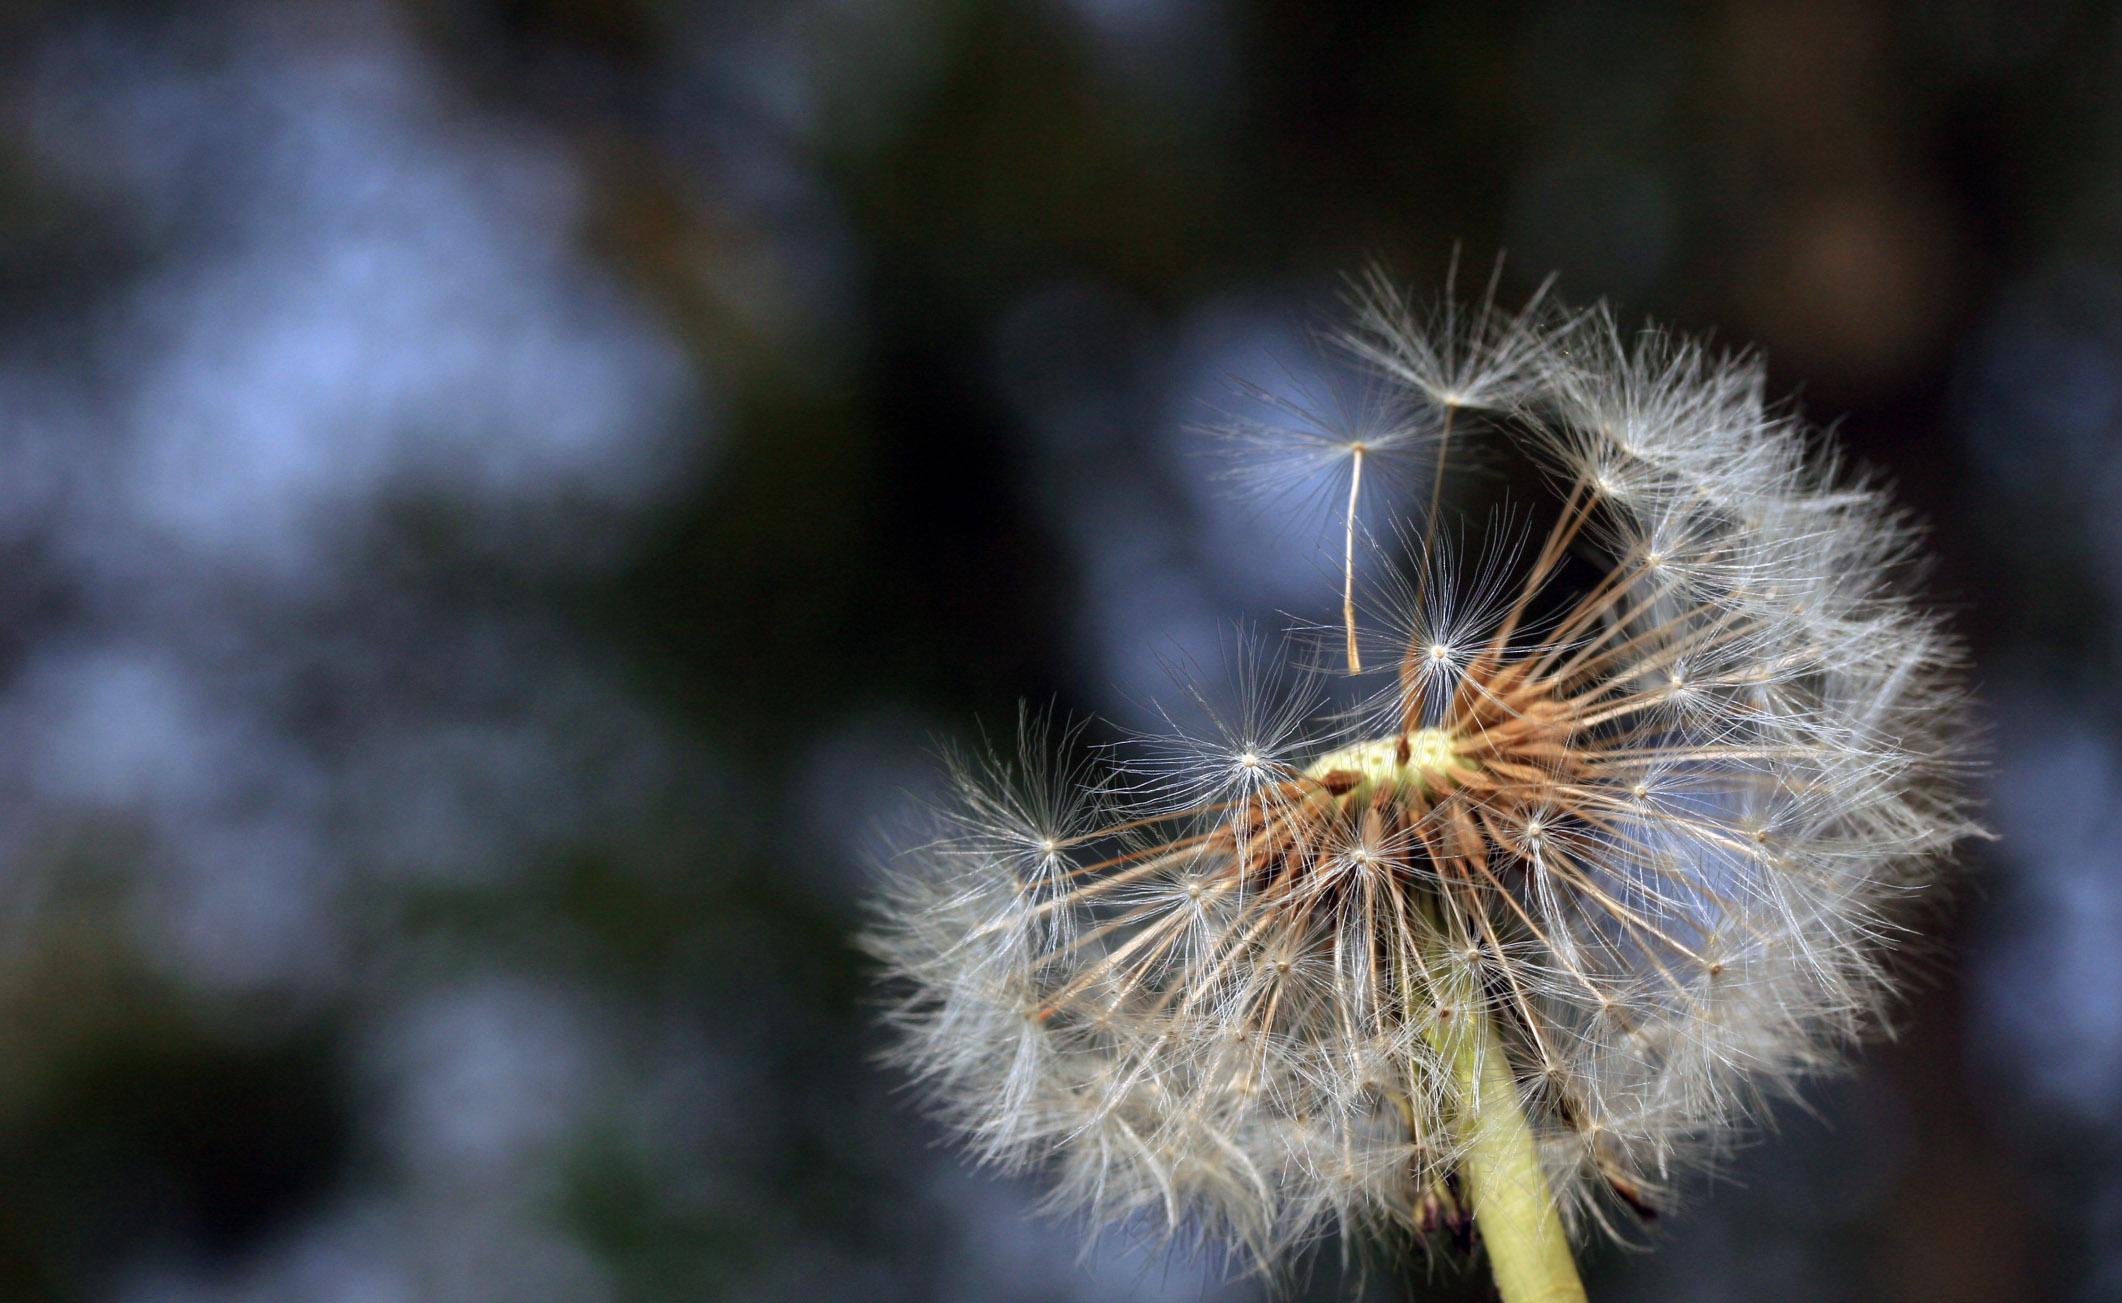 Allergie stagionali: tutti i modi per combatterle al meglio